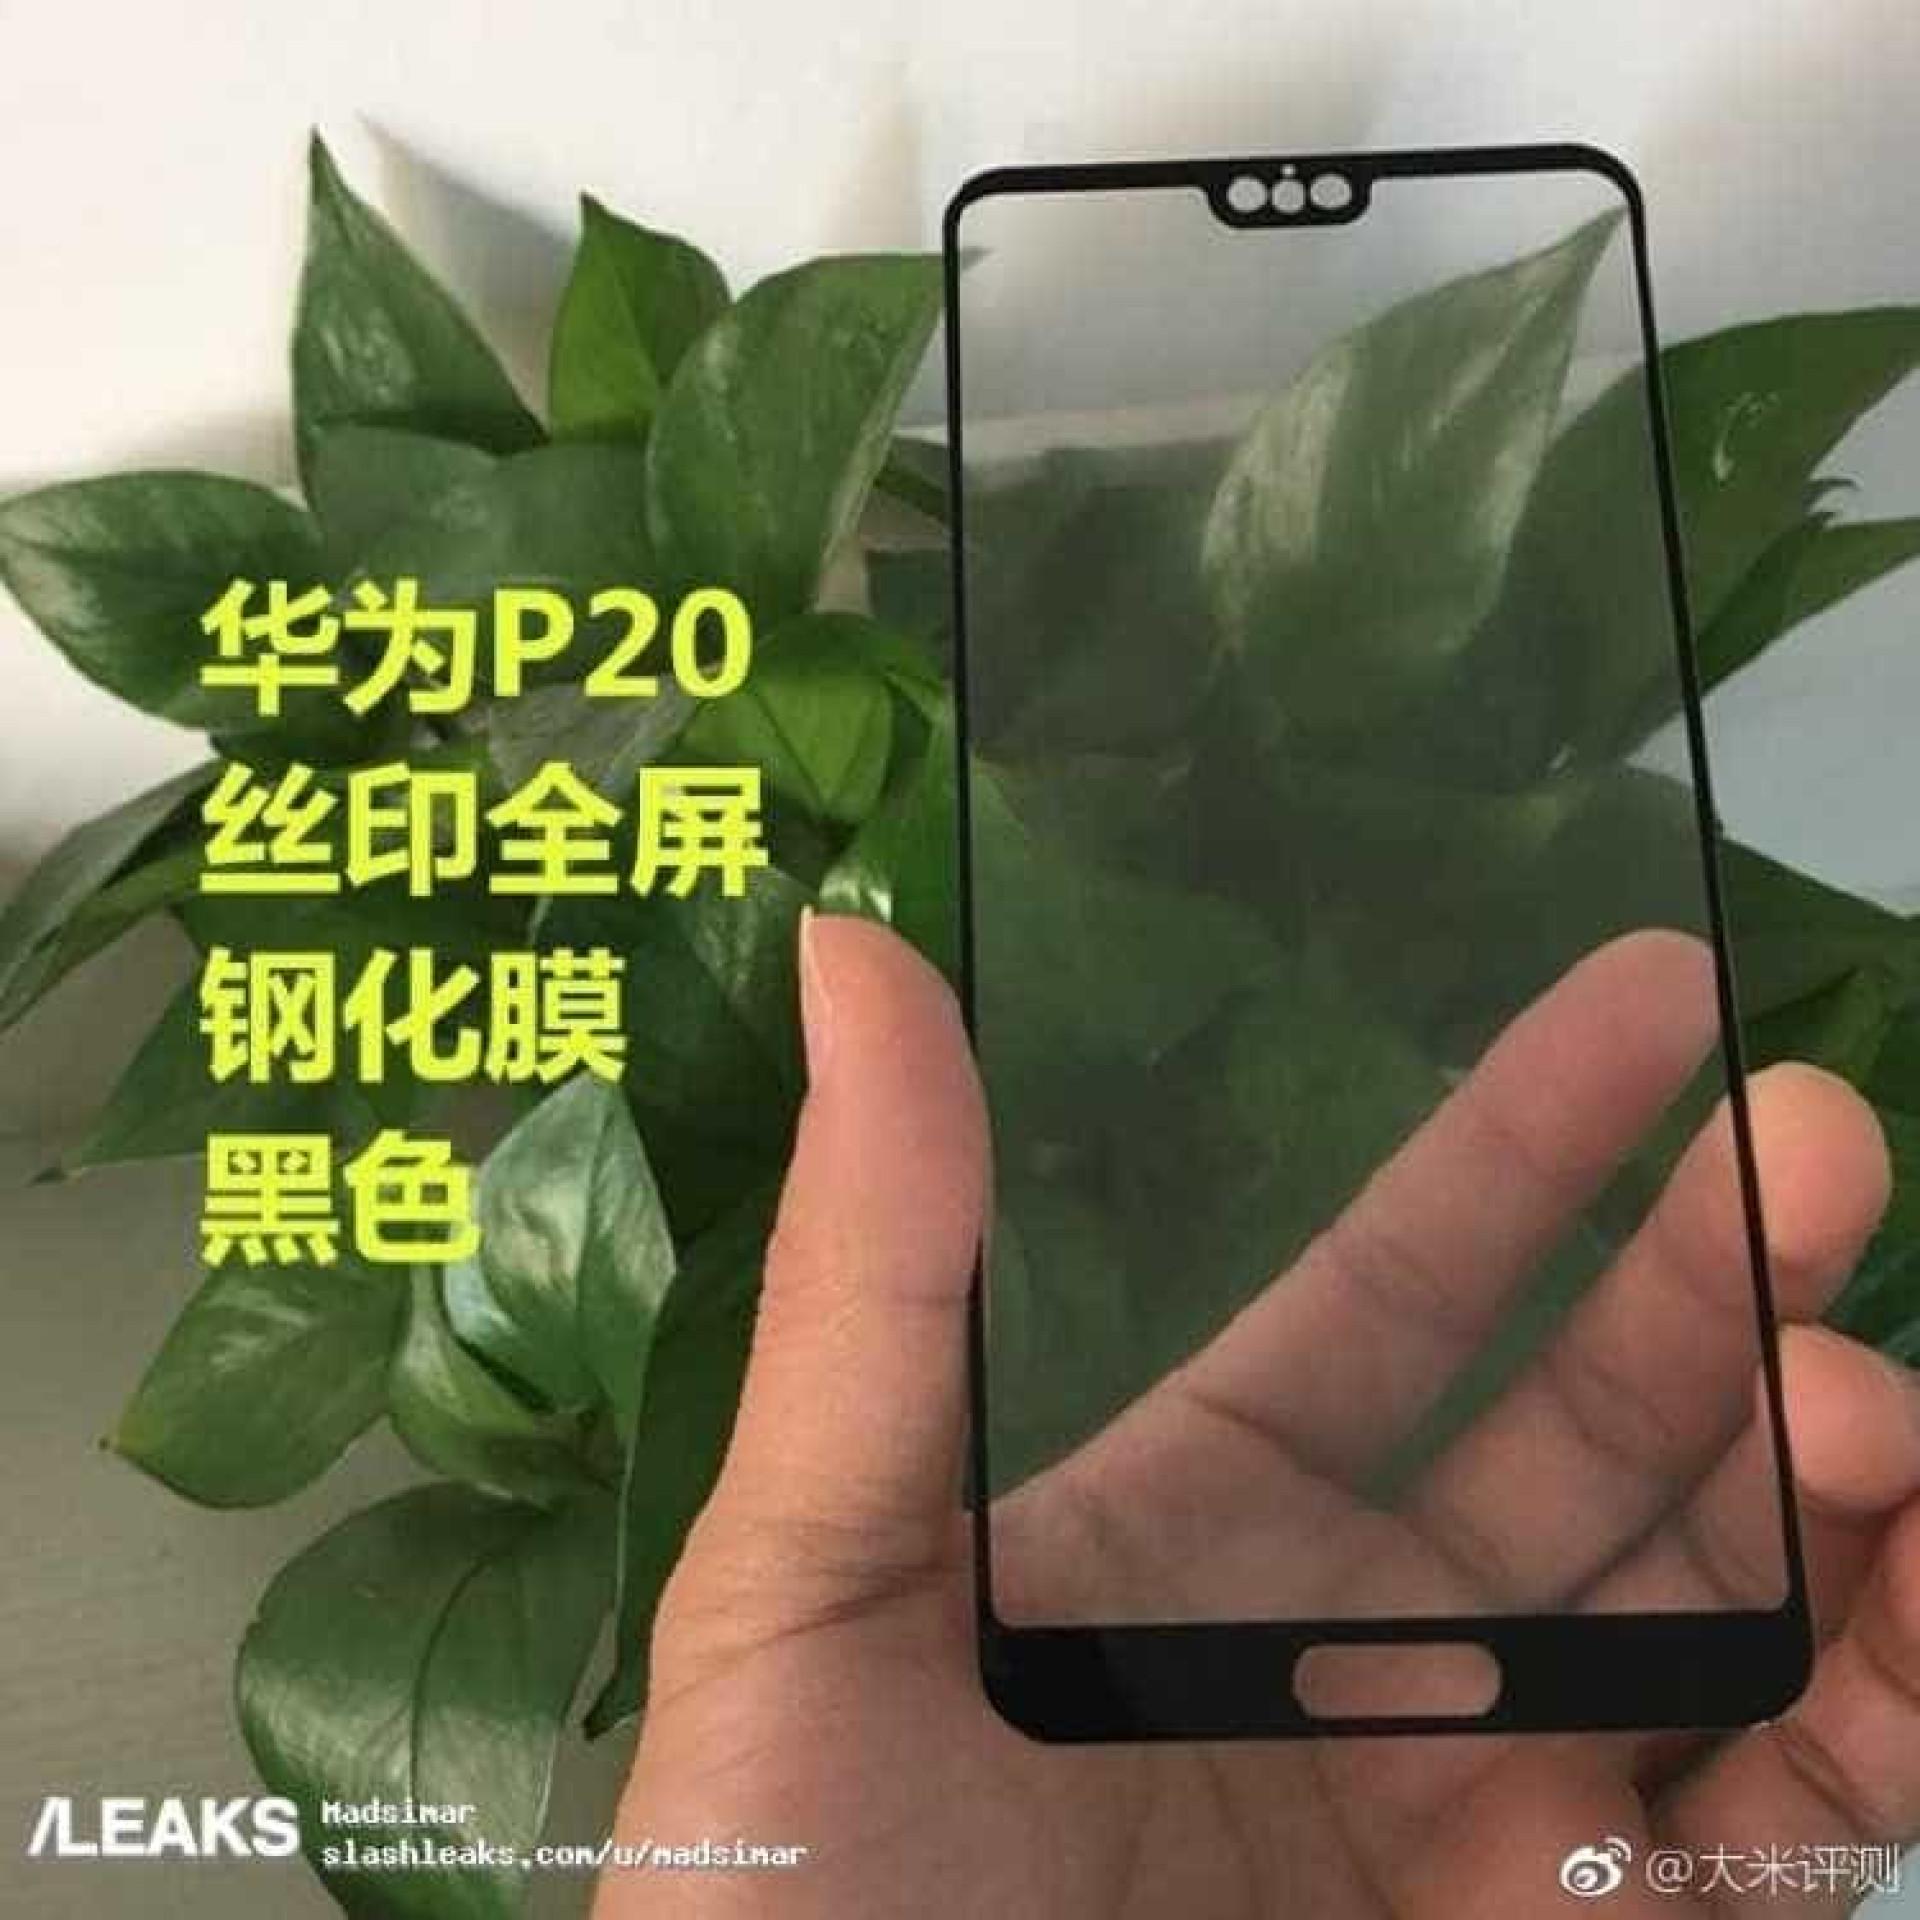 Ecrã do (tão aguardado) novo topo de gama da Huawei pode ser assim